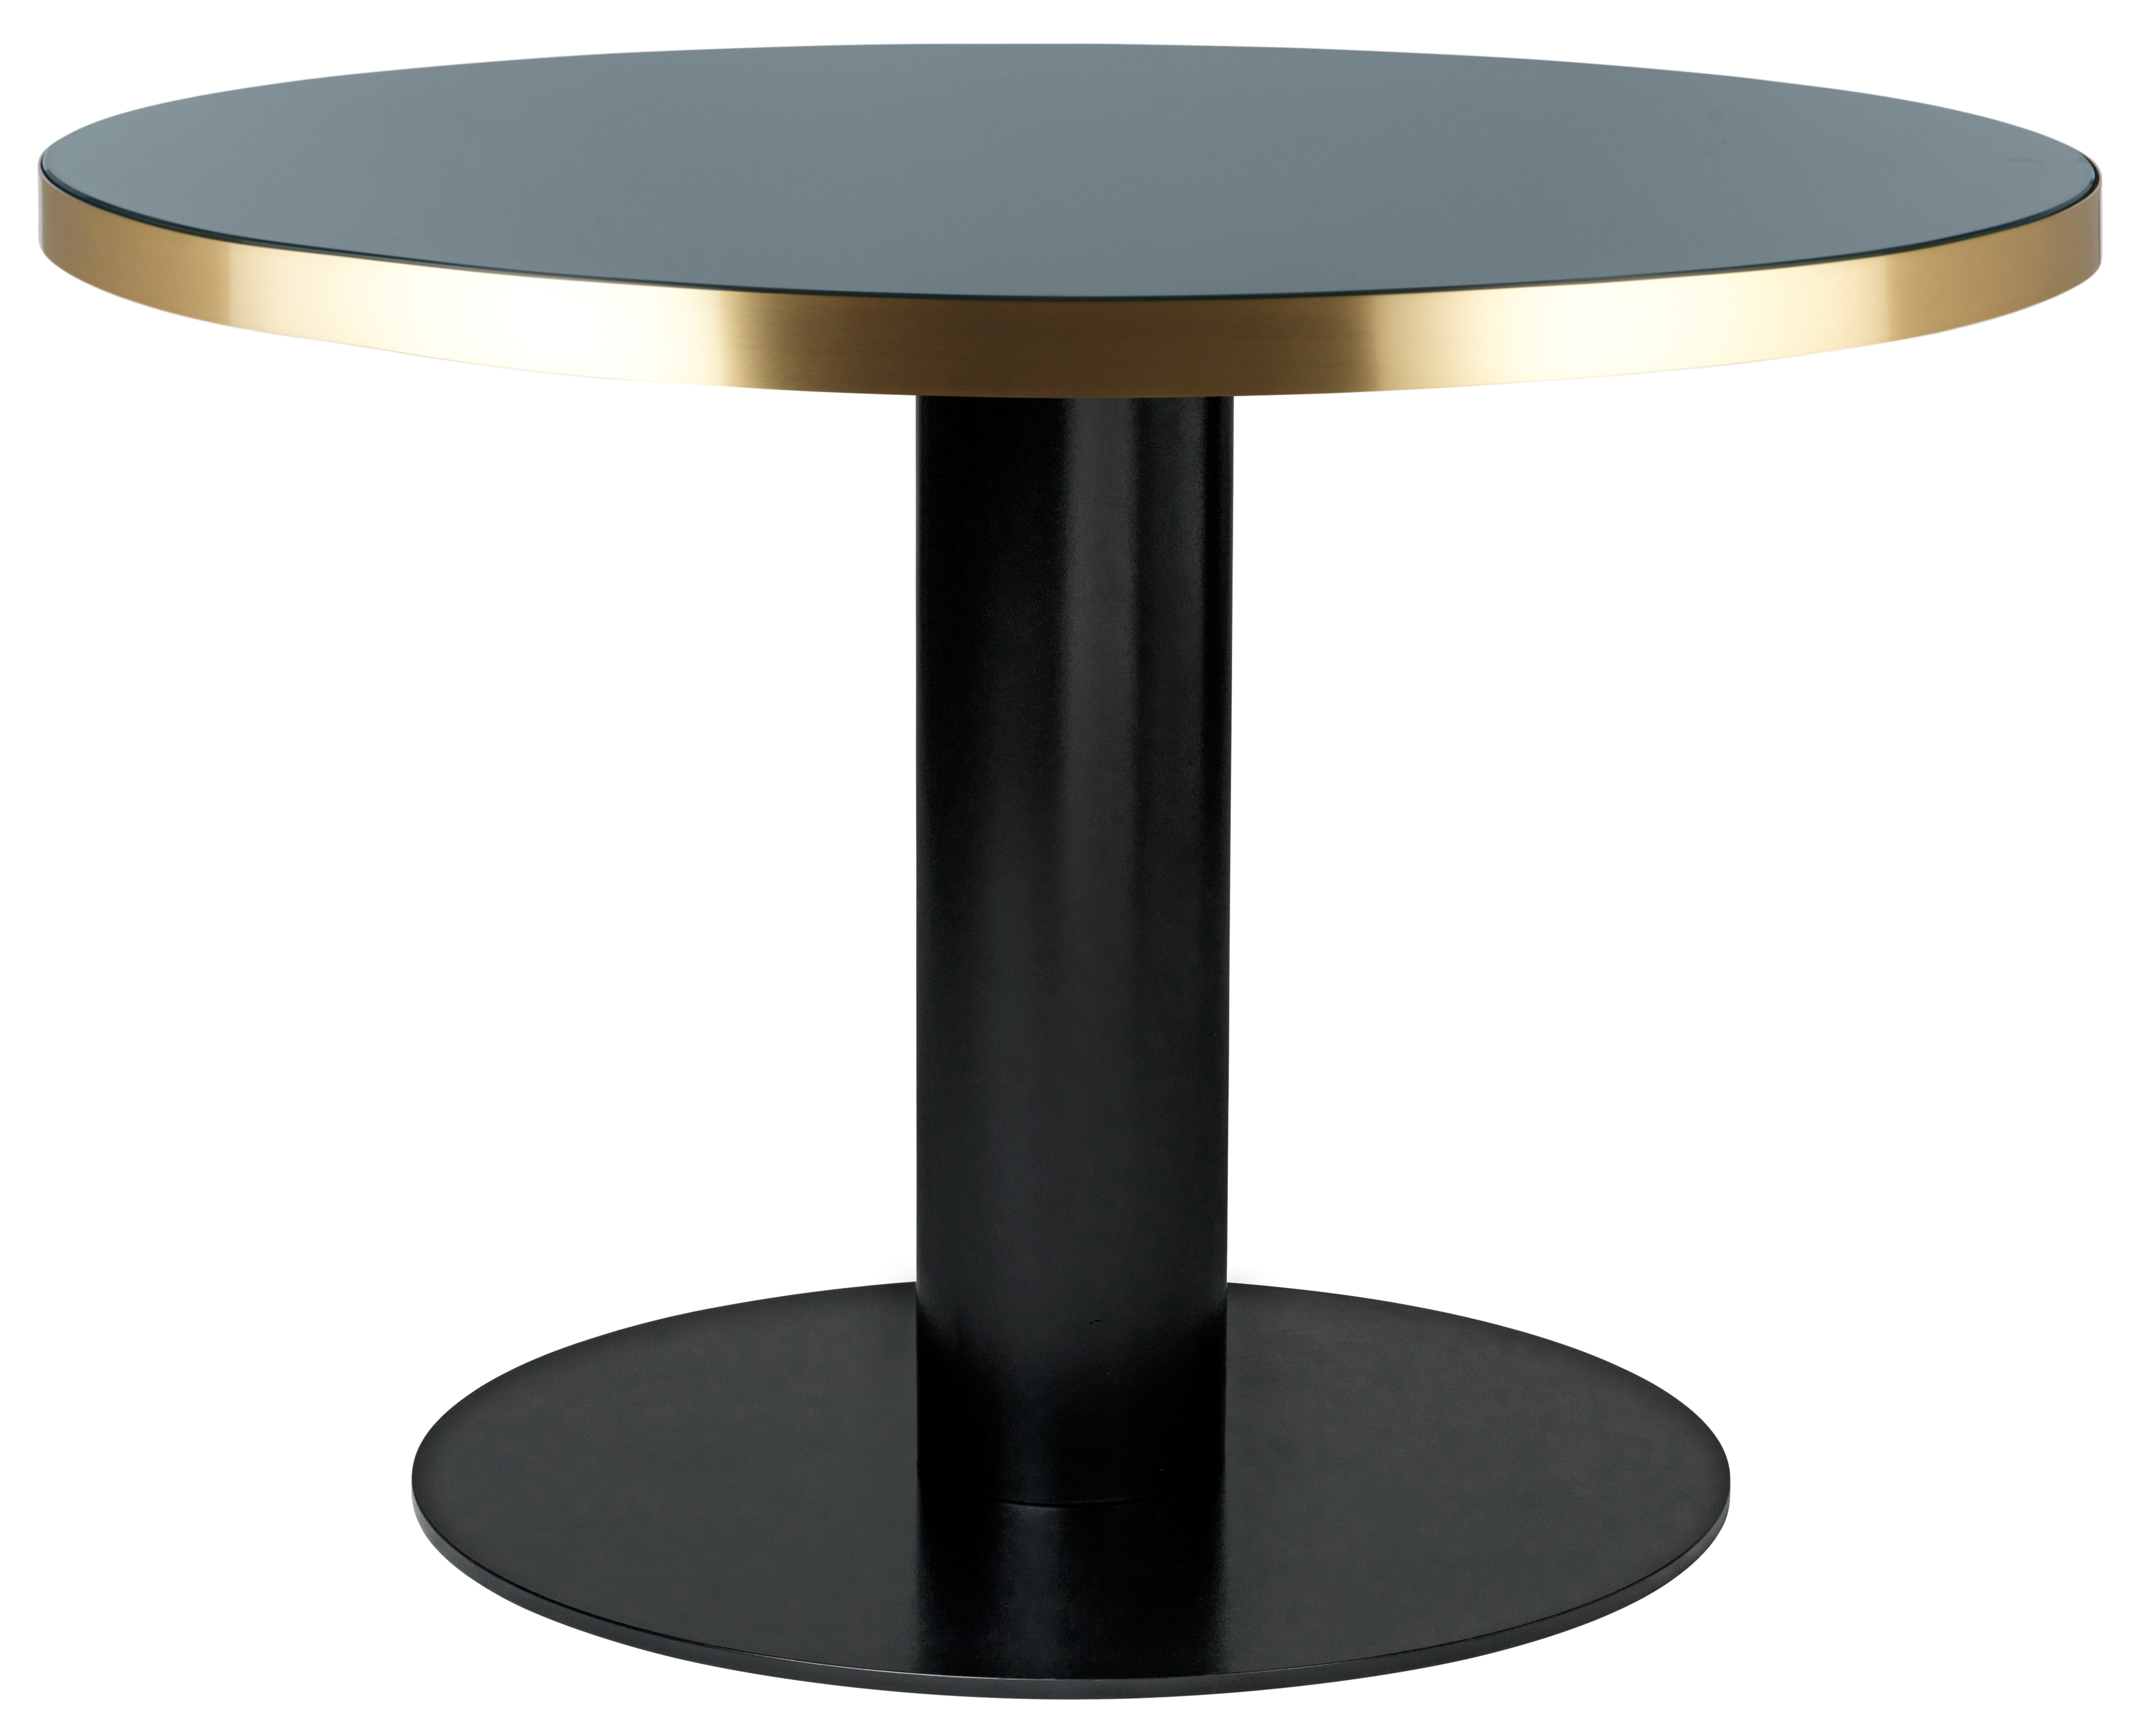 tables rondes gubi 2 0 plateau en verre gubi. Black Bedroom Furniture Sets. Home Design Ideas